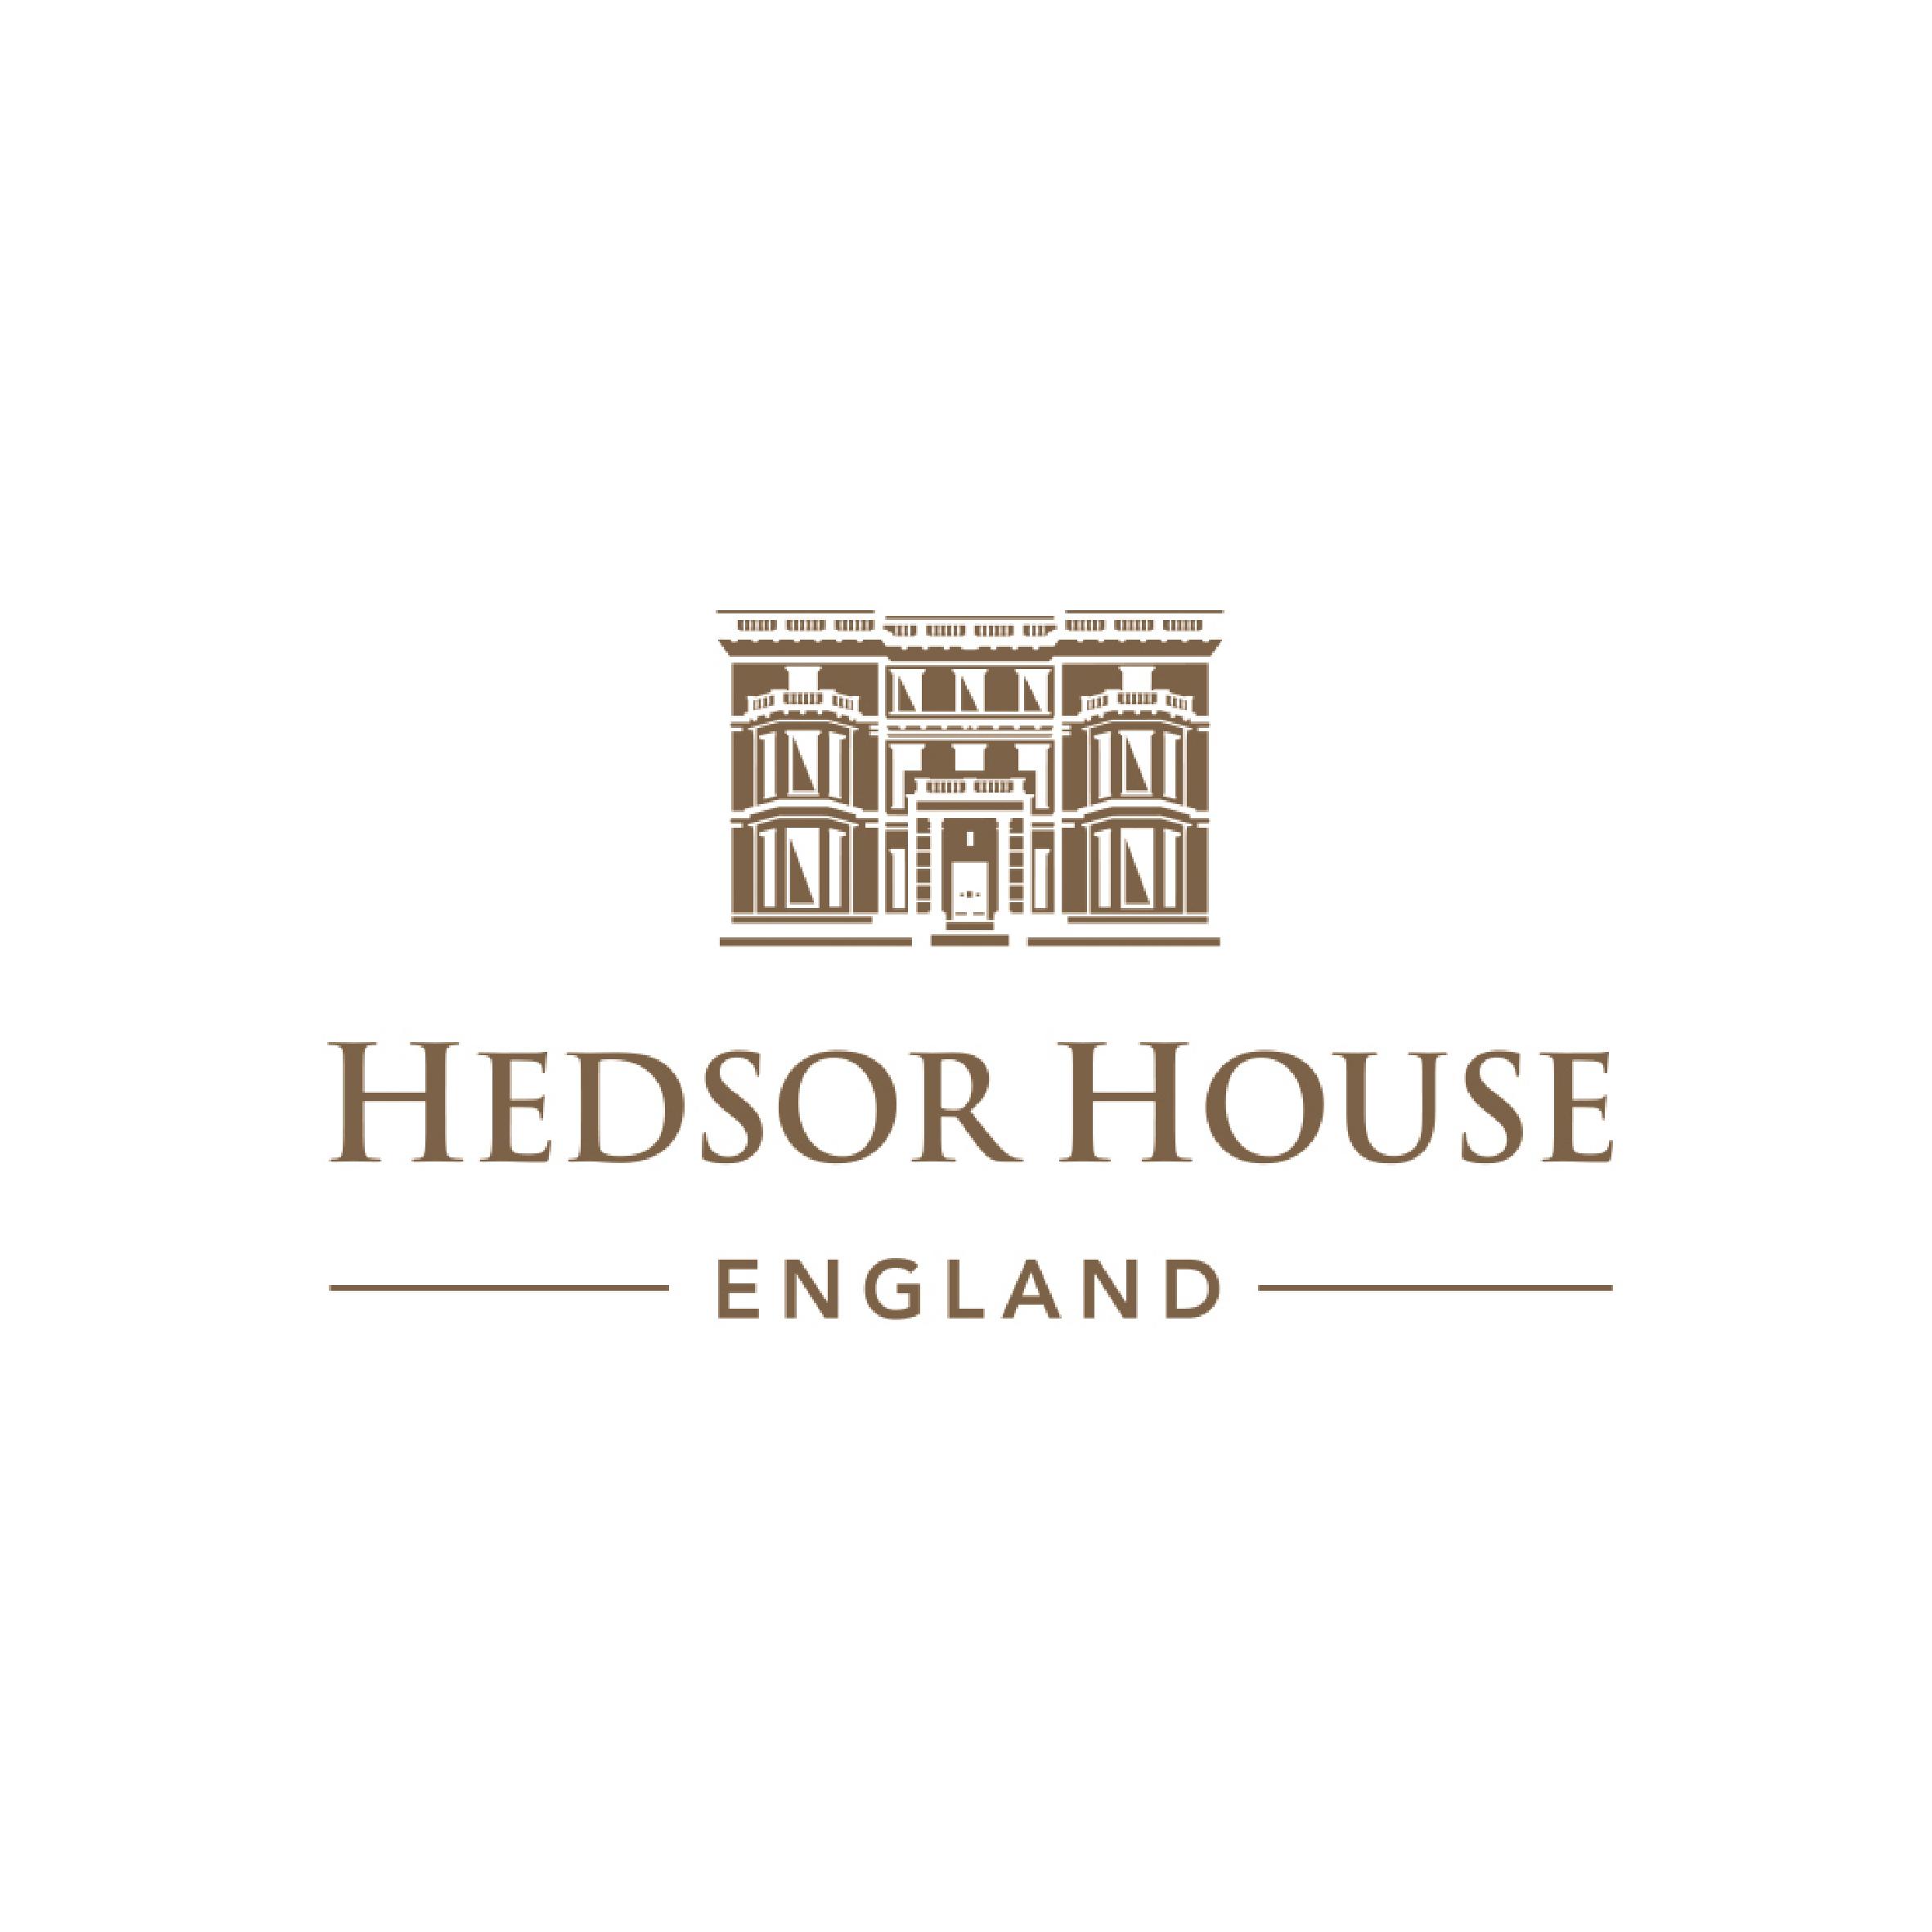 Hedsor House England Logo